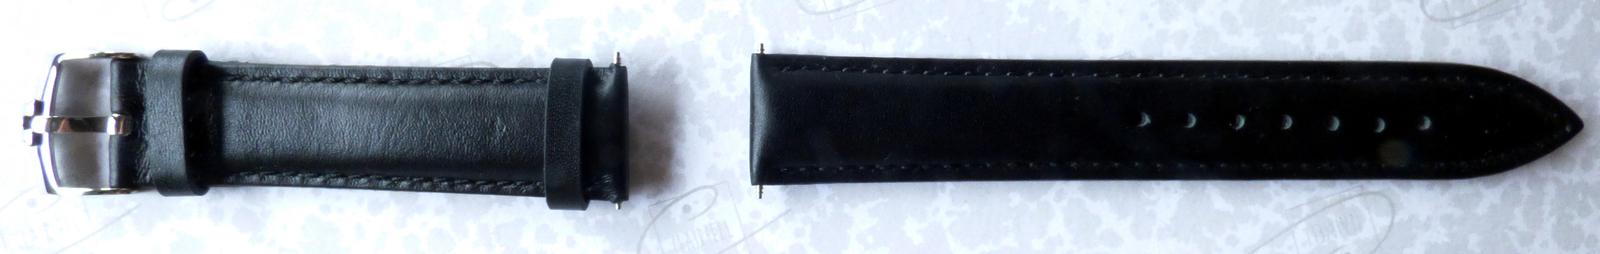 Omega 19mm front